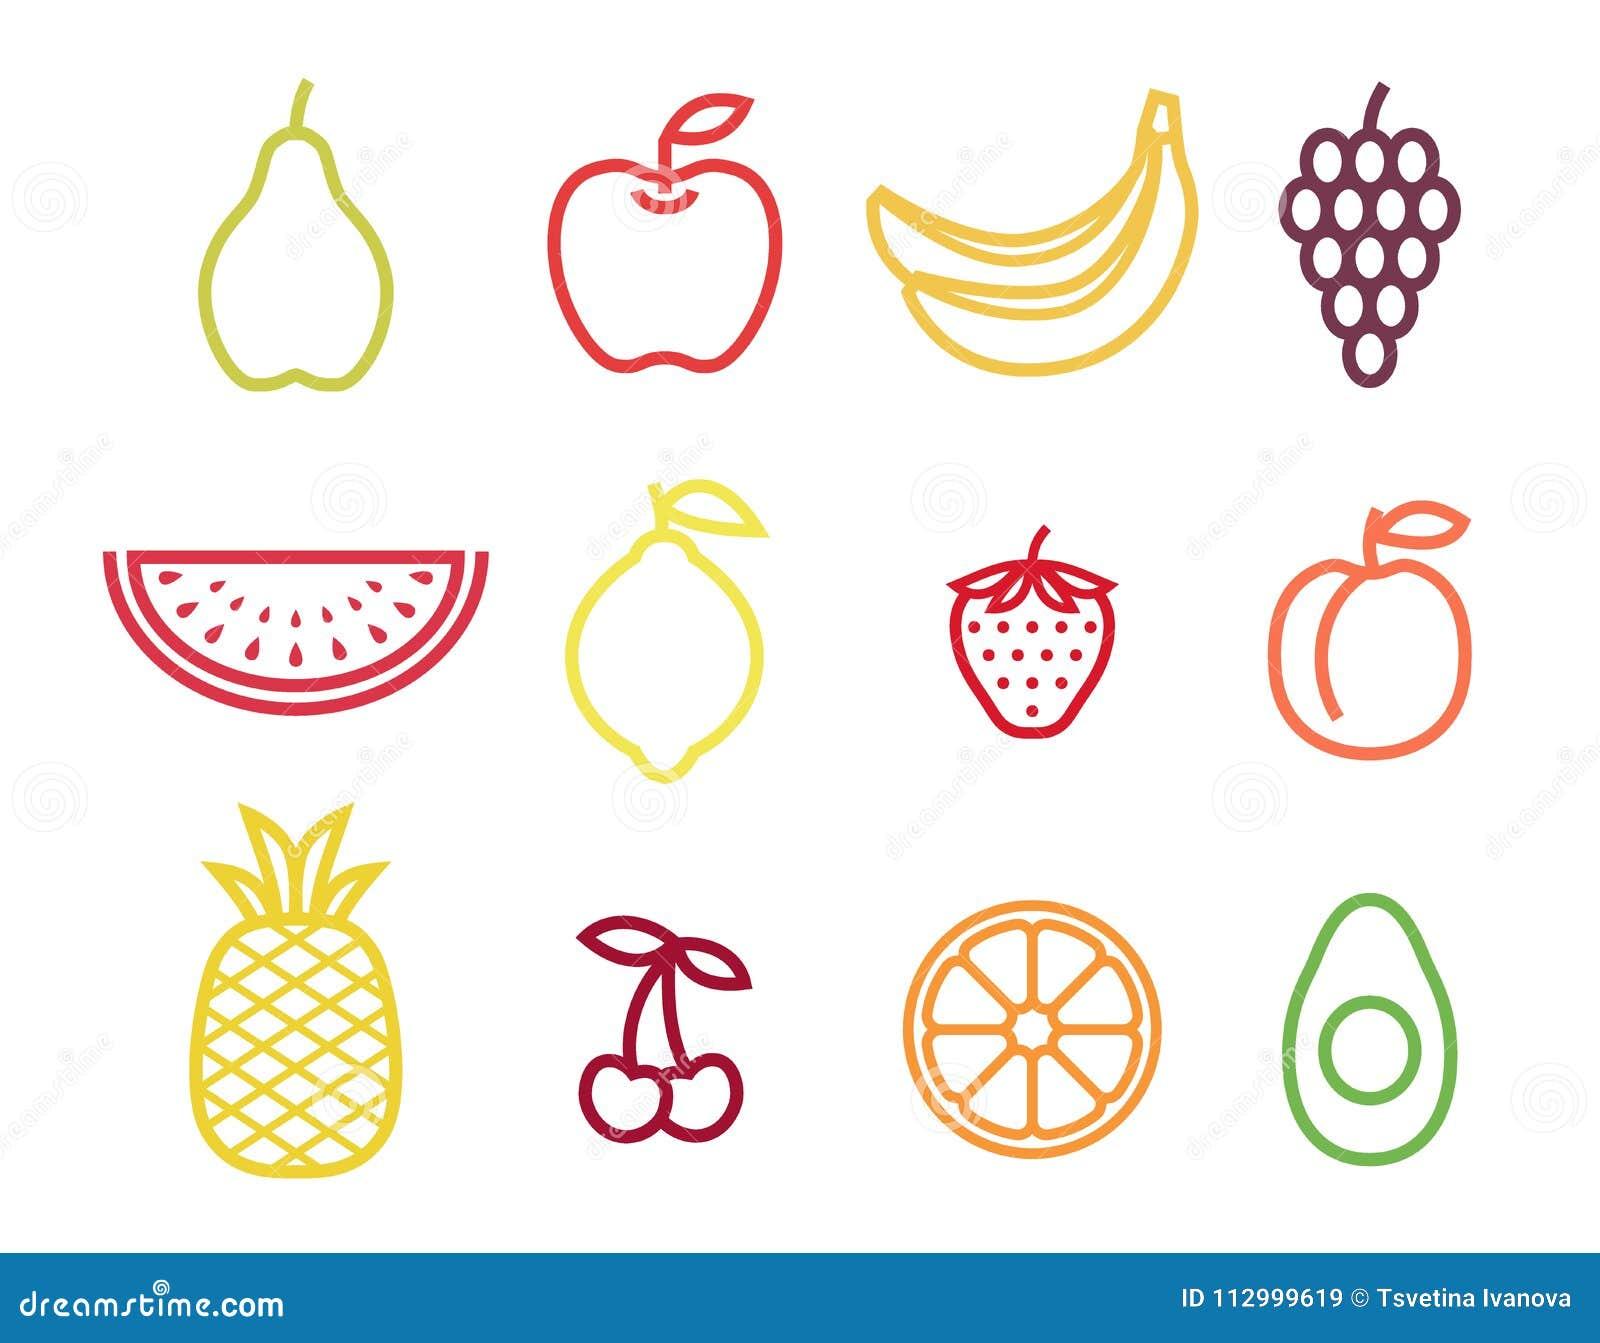 Kleurrijke het pictogramreeks van het overzichtsfruit Vruchten pictogrammen in kleurenslag